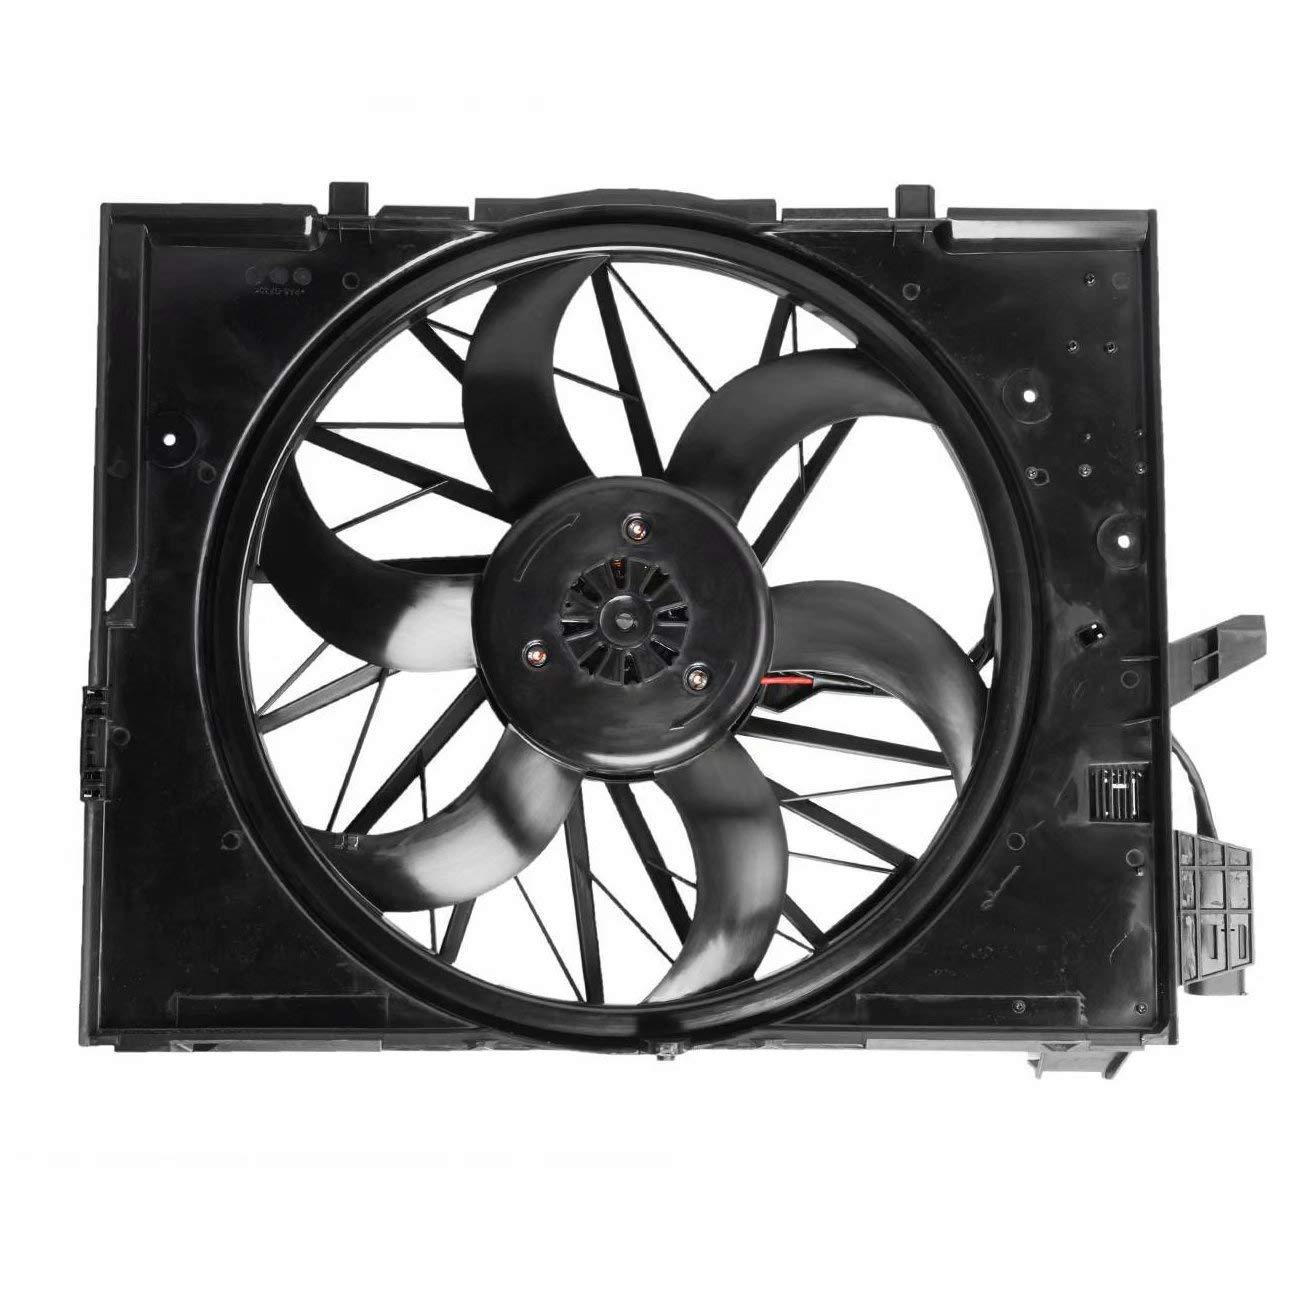 BOLV V20-02-1078 17427526824 Climate Condenser Slider Fan for E60